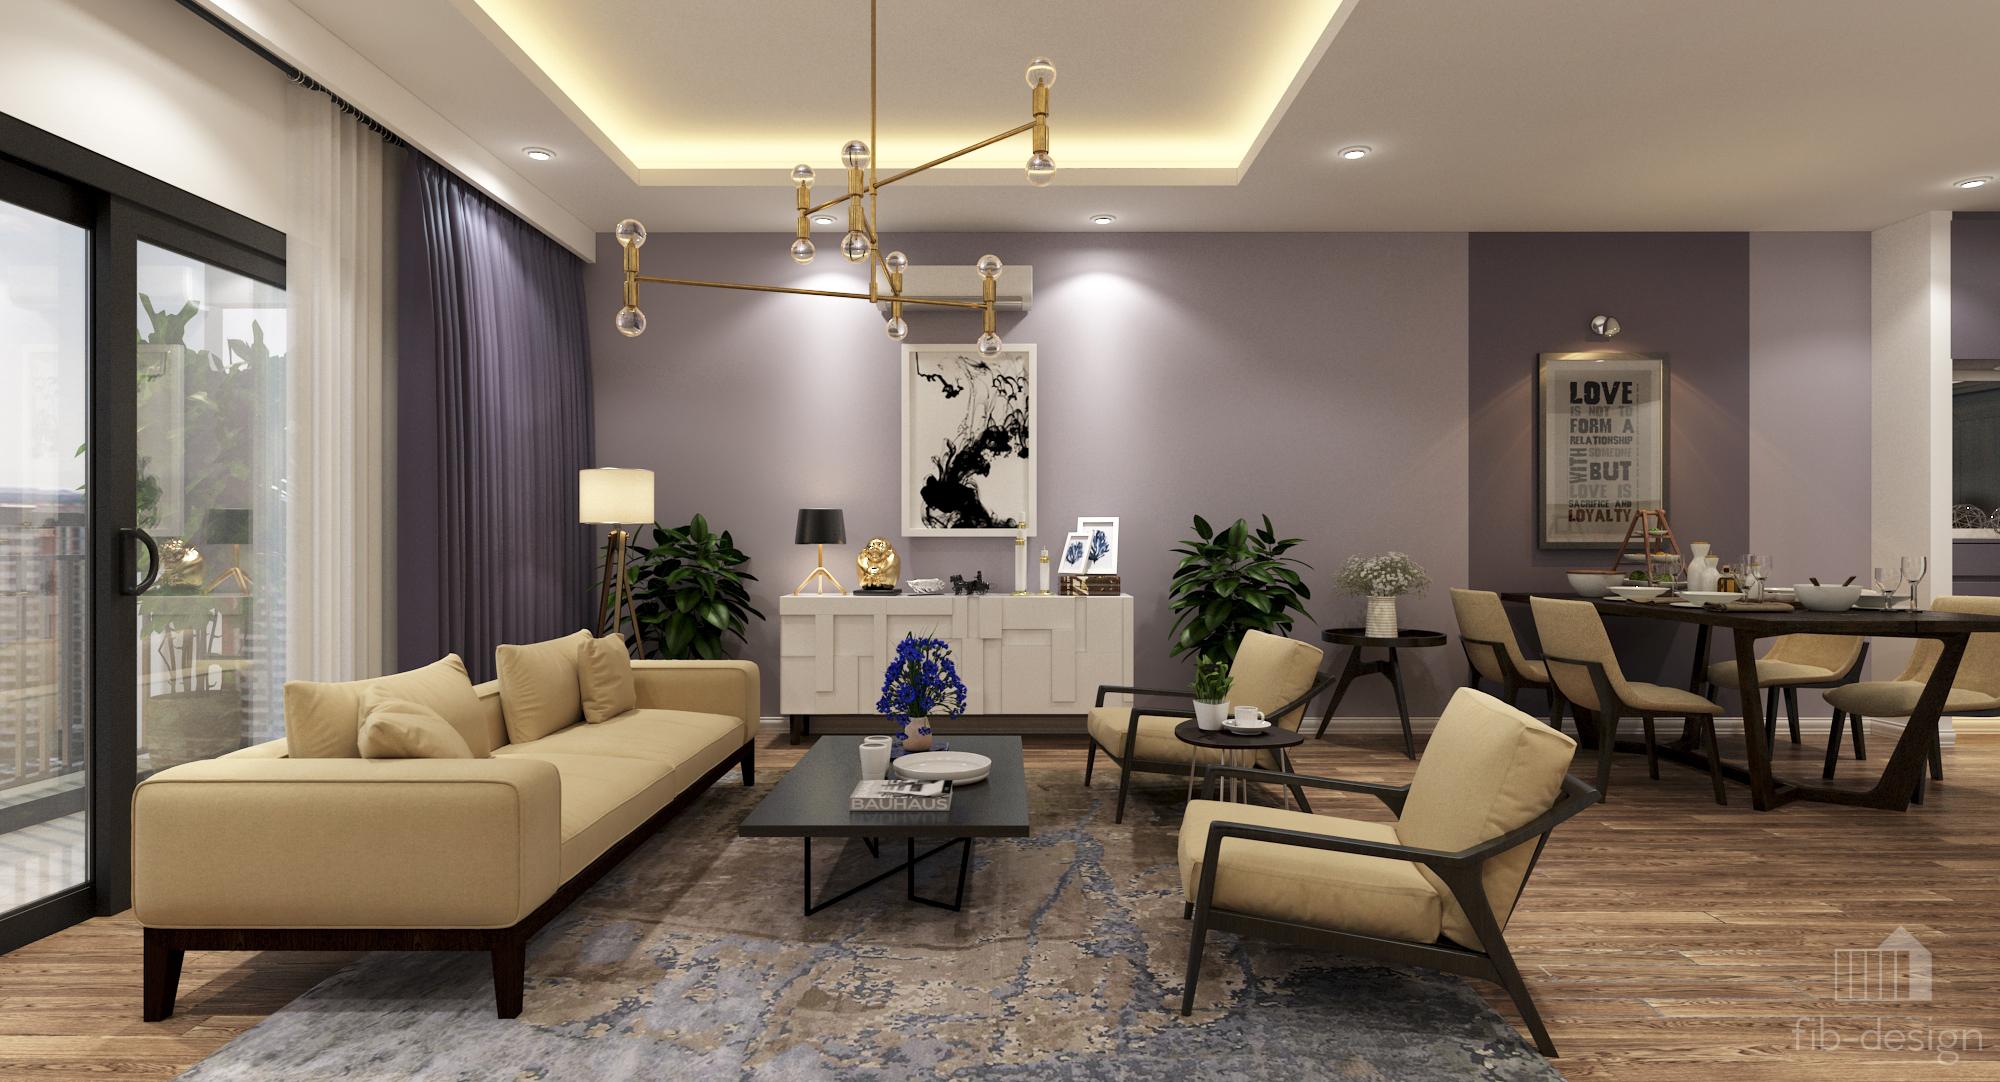 thiết kế nội thất chung cư tại Hà Nội P714 Chung cư GOLDSiLK 8 1544083448